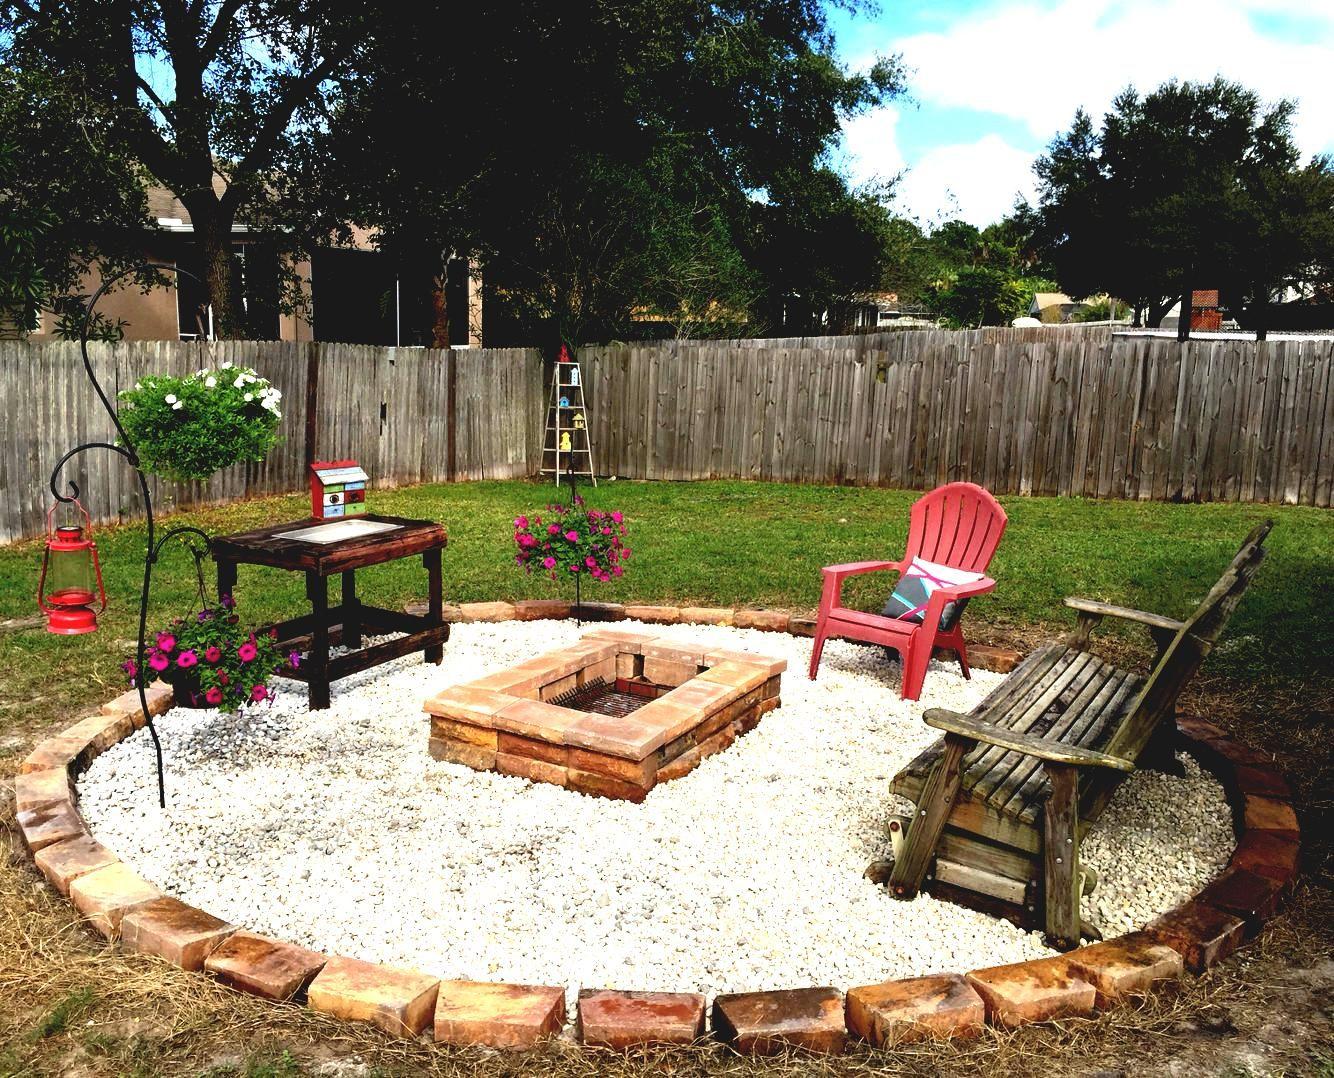 Gedeckte Feuerstelle Im Boden Drainage Ideen Pinterest Landschaftsbau Gartendeko Backyard Firepit Area Backyard Fire Fire Pit Backyard